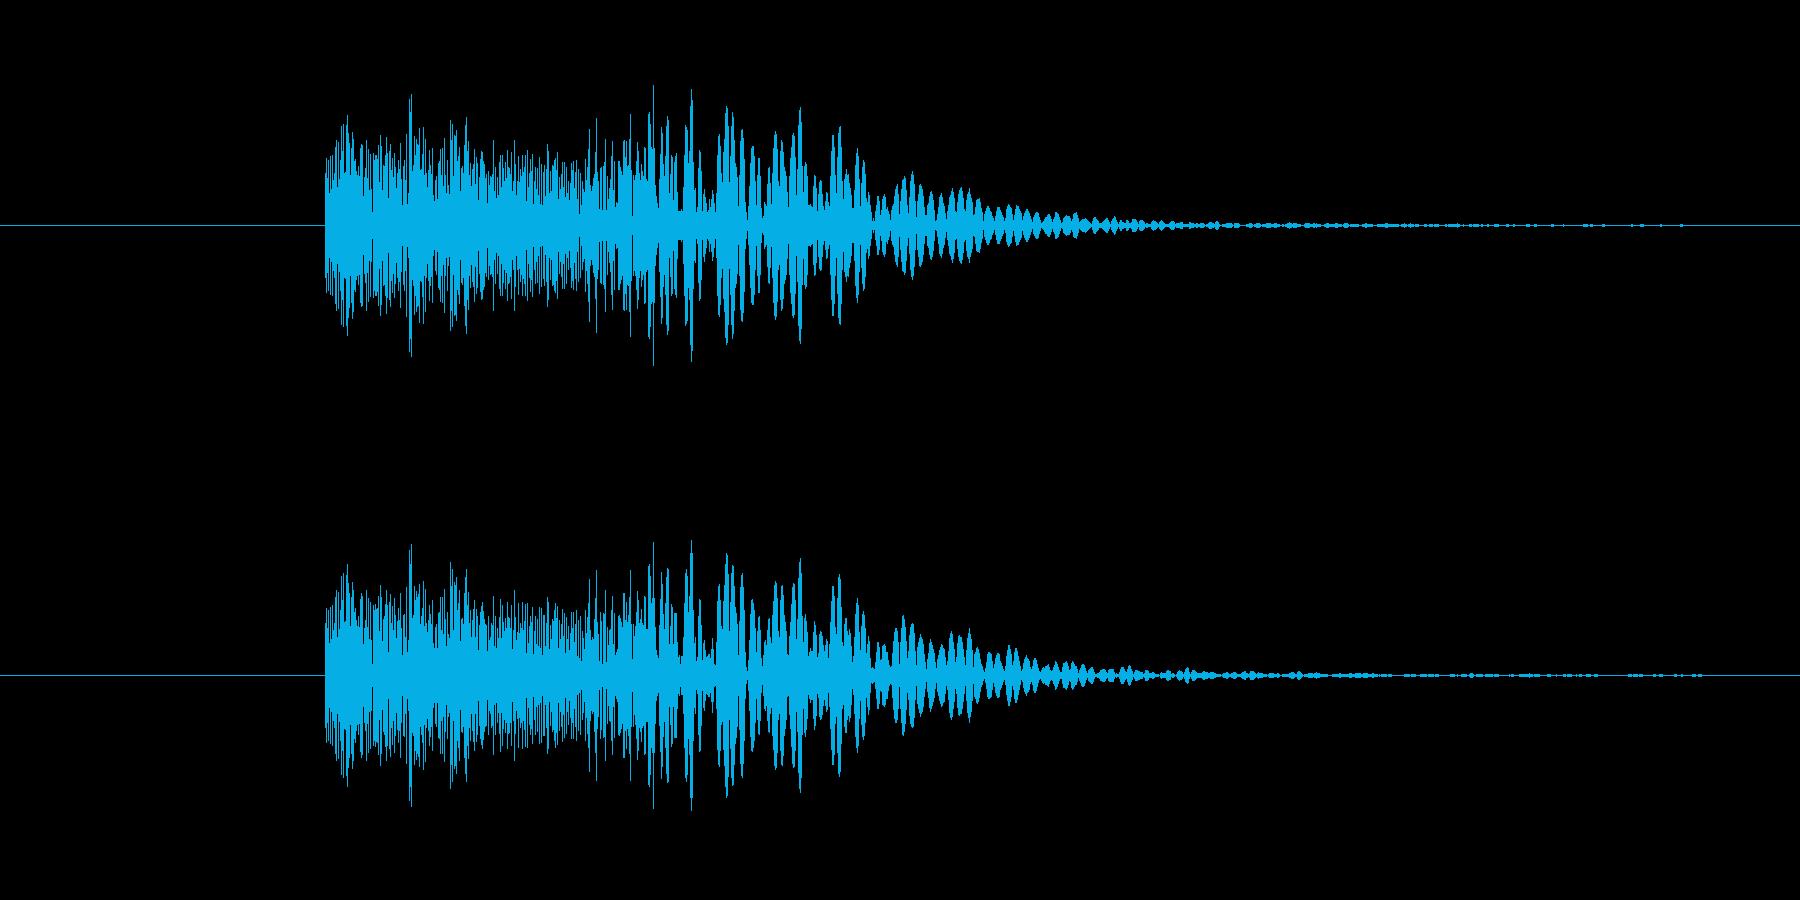 ヘヴィメタ風 ブリッジミュート音の再生済みの波形